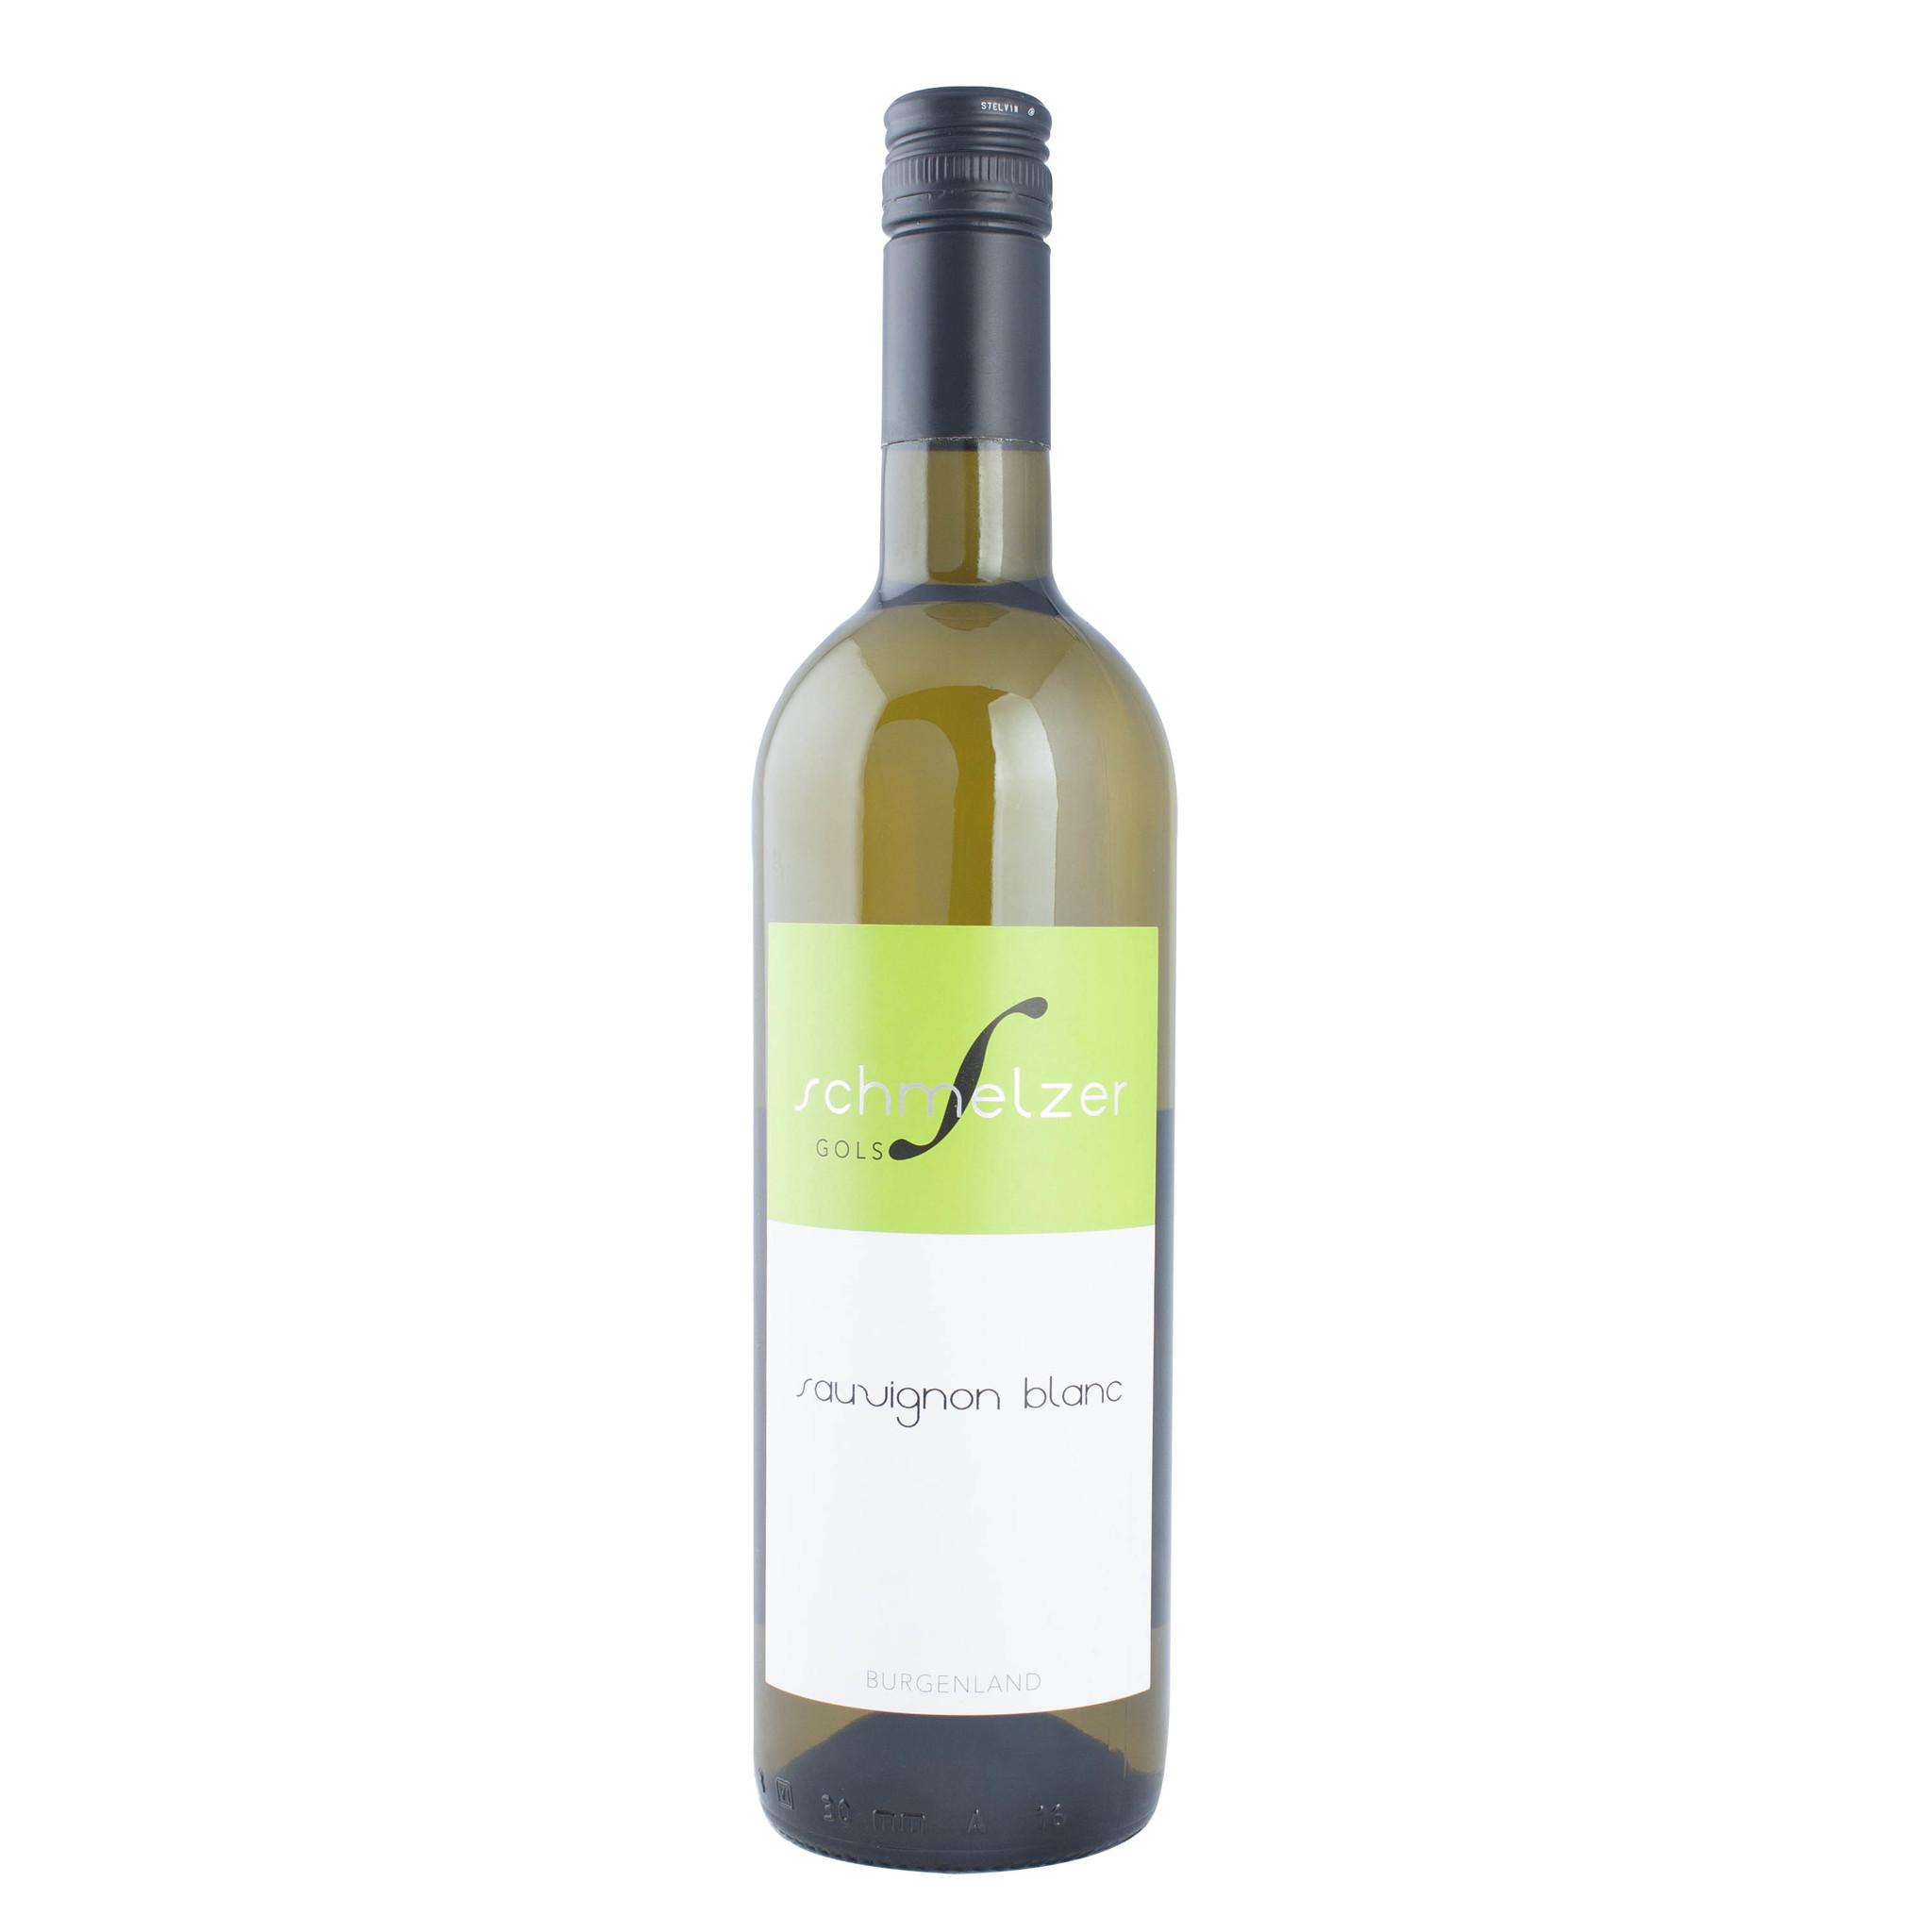 Weingut Schmelzer Sauvignon Blanc 2020